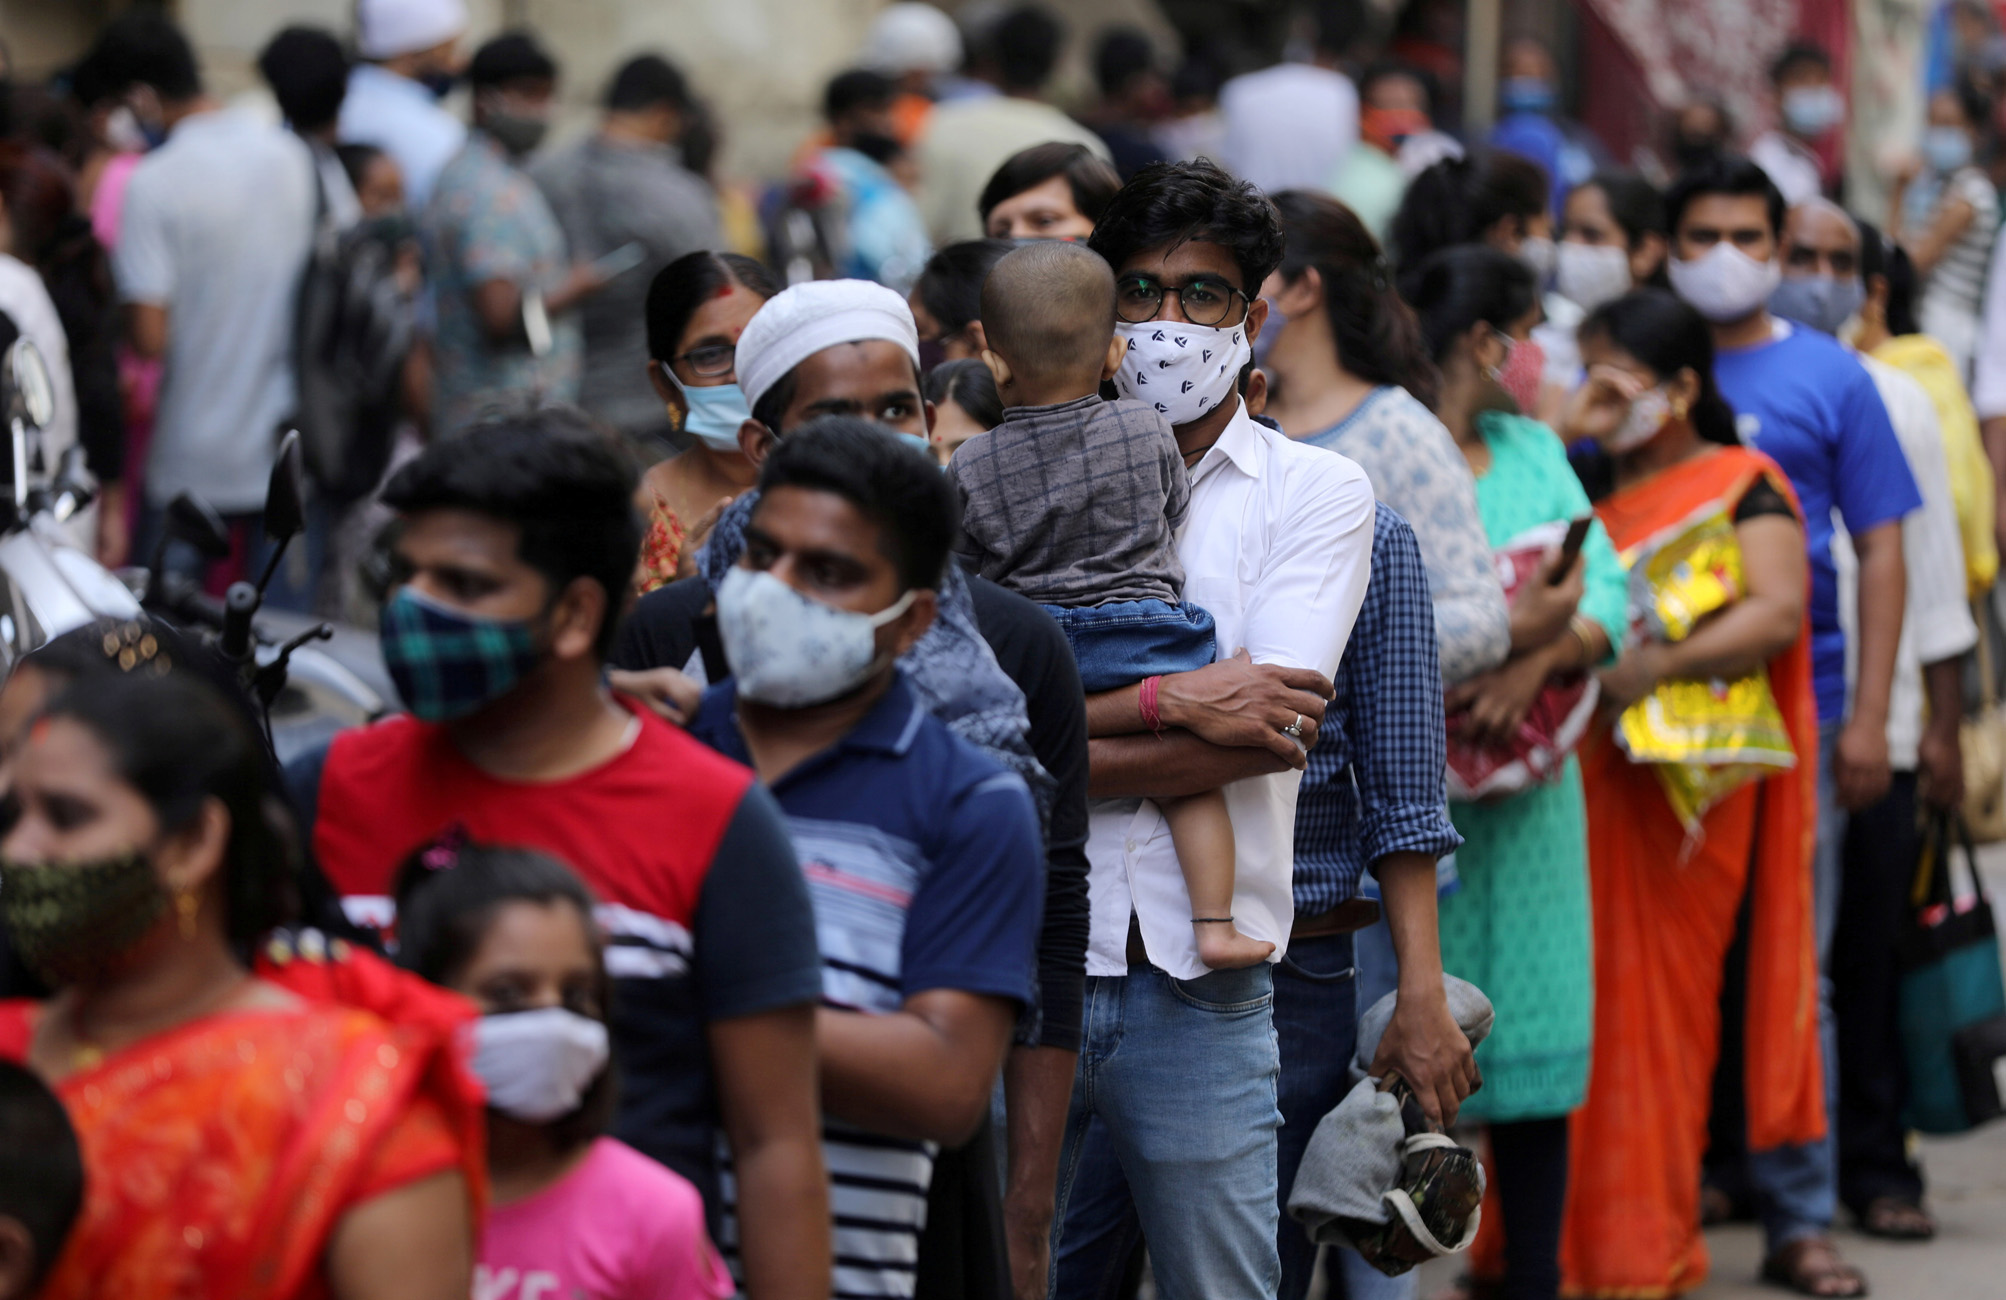 Ινδία: Ρεκόρ με πάνω από 152.000 νέα κρούσματα κορονοϊού σε 24 ώρες